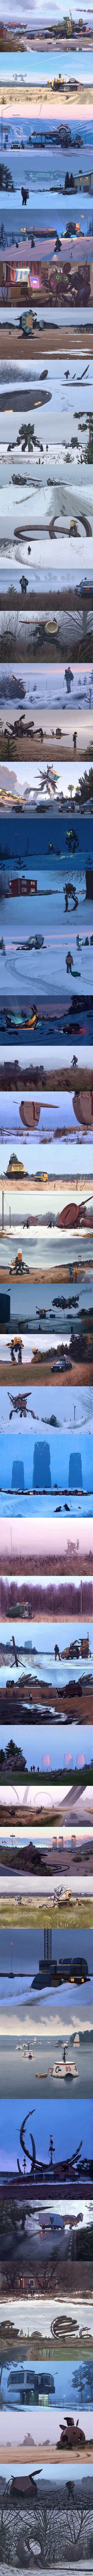 Альтернативный 80-й год. by Simon Stalenhag.  1980, альтернативный мир, динозавр, научная фантастика, sci fi, арт, небесные корабли, длиннопост: